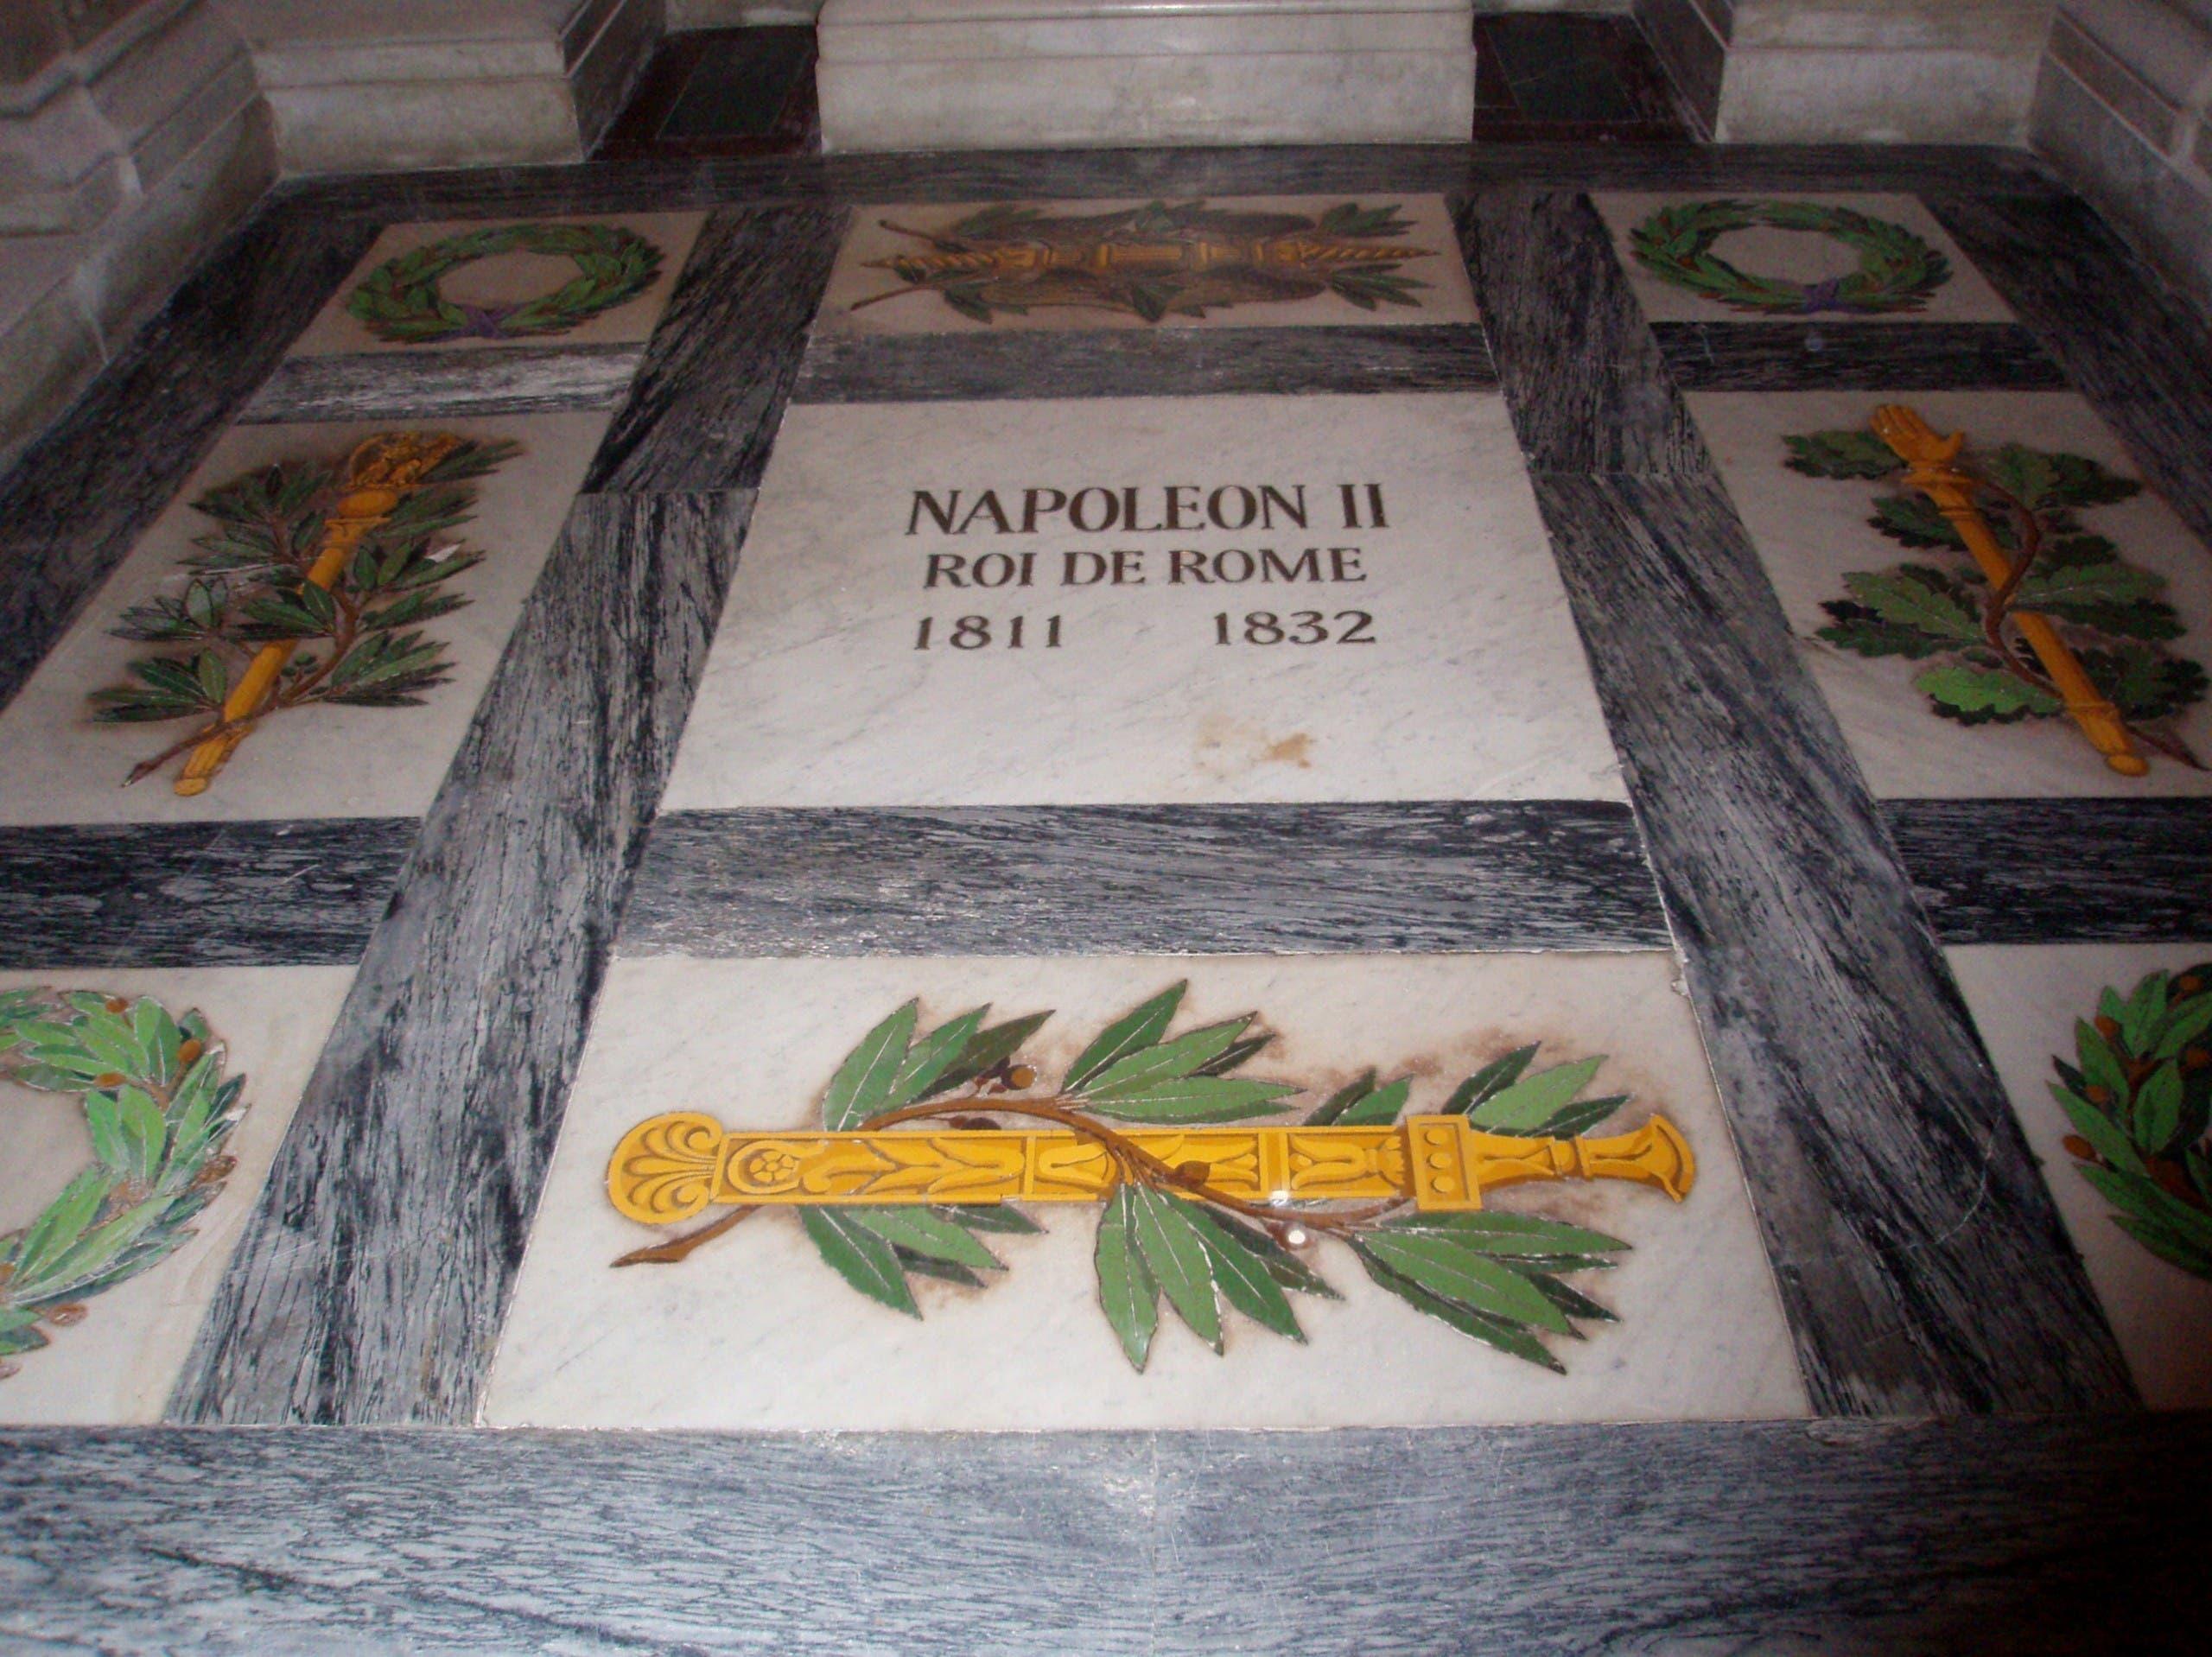 صورة لقبر نابليون الثاني